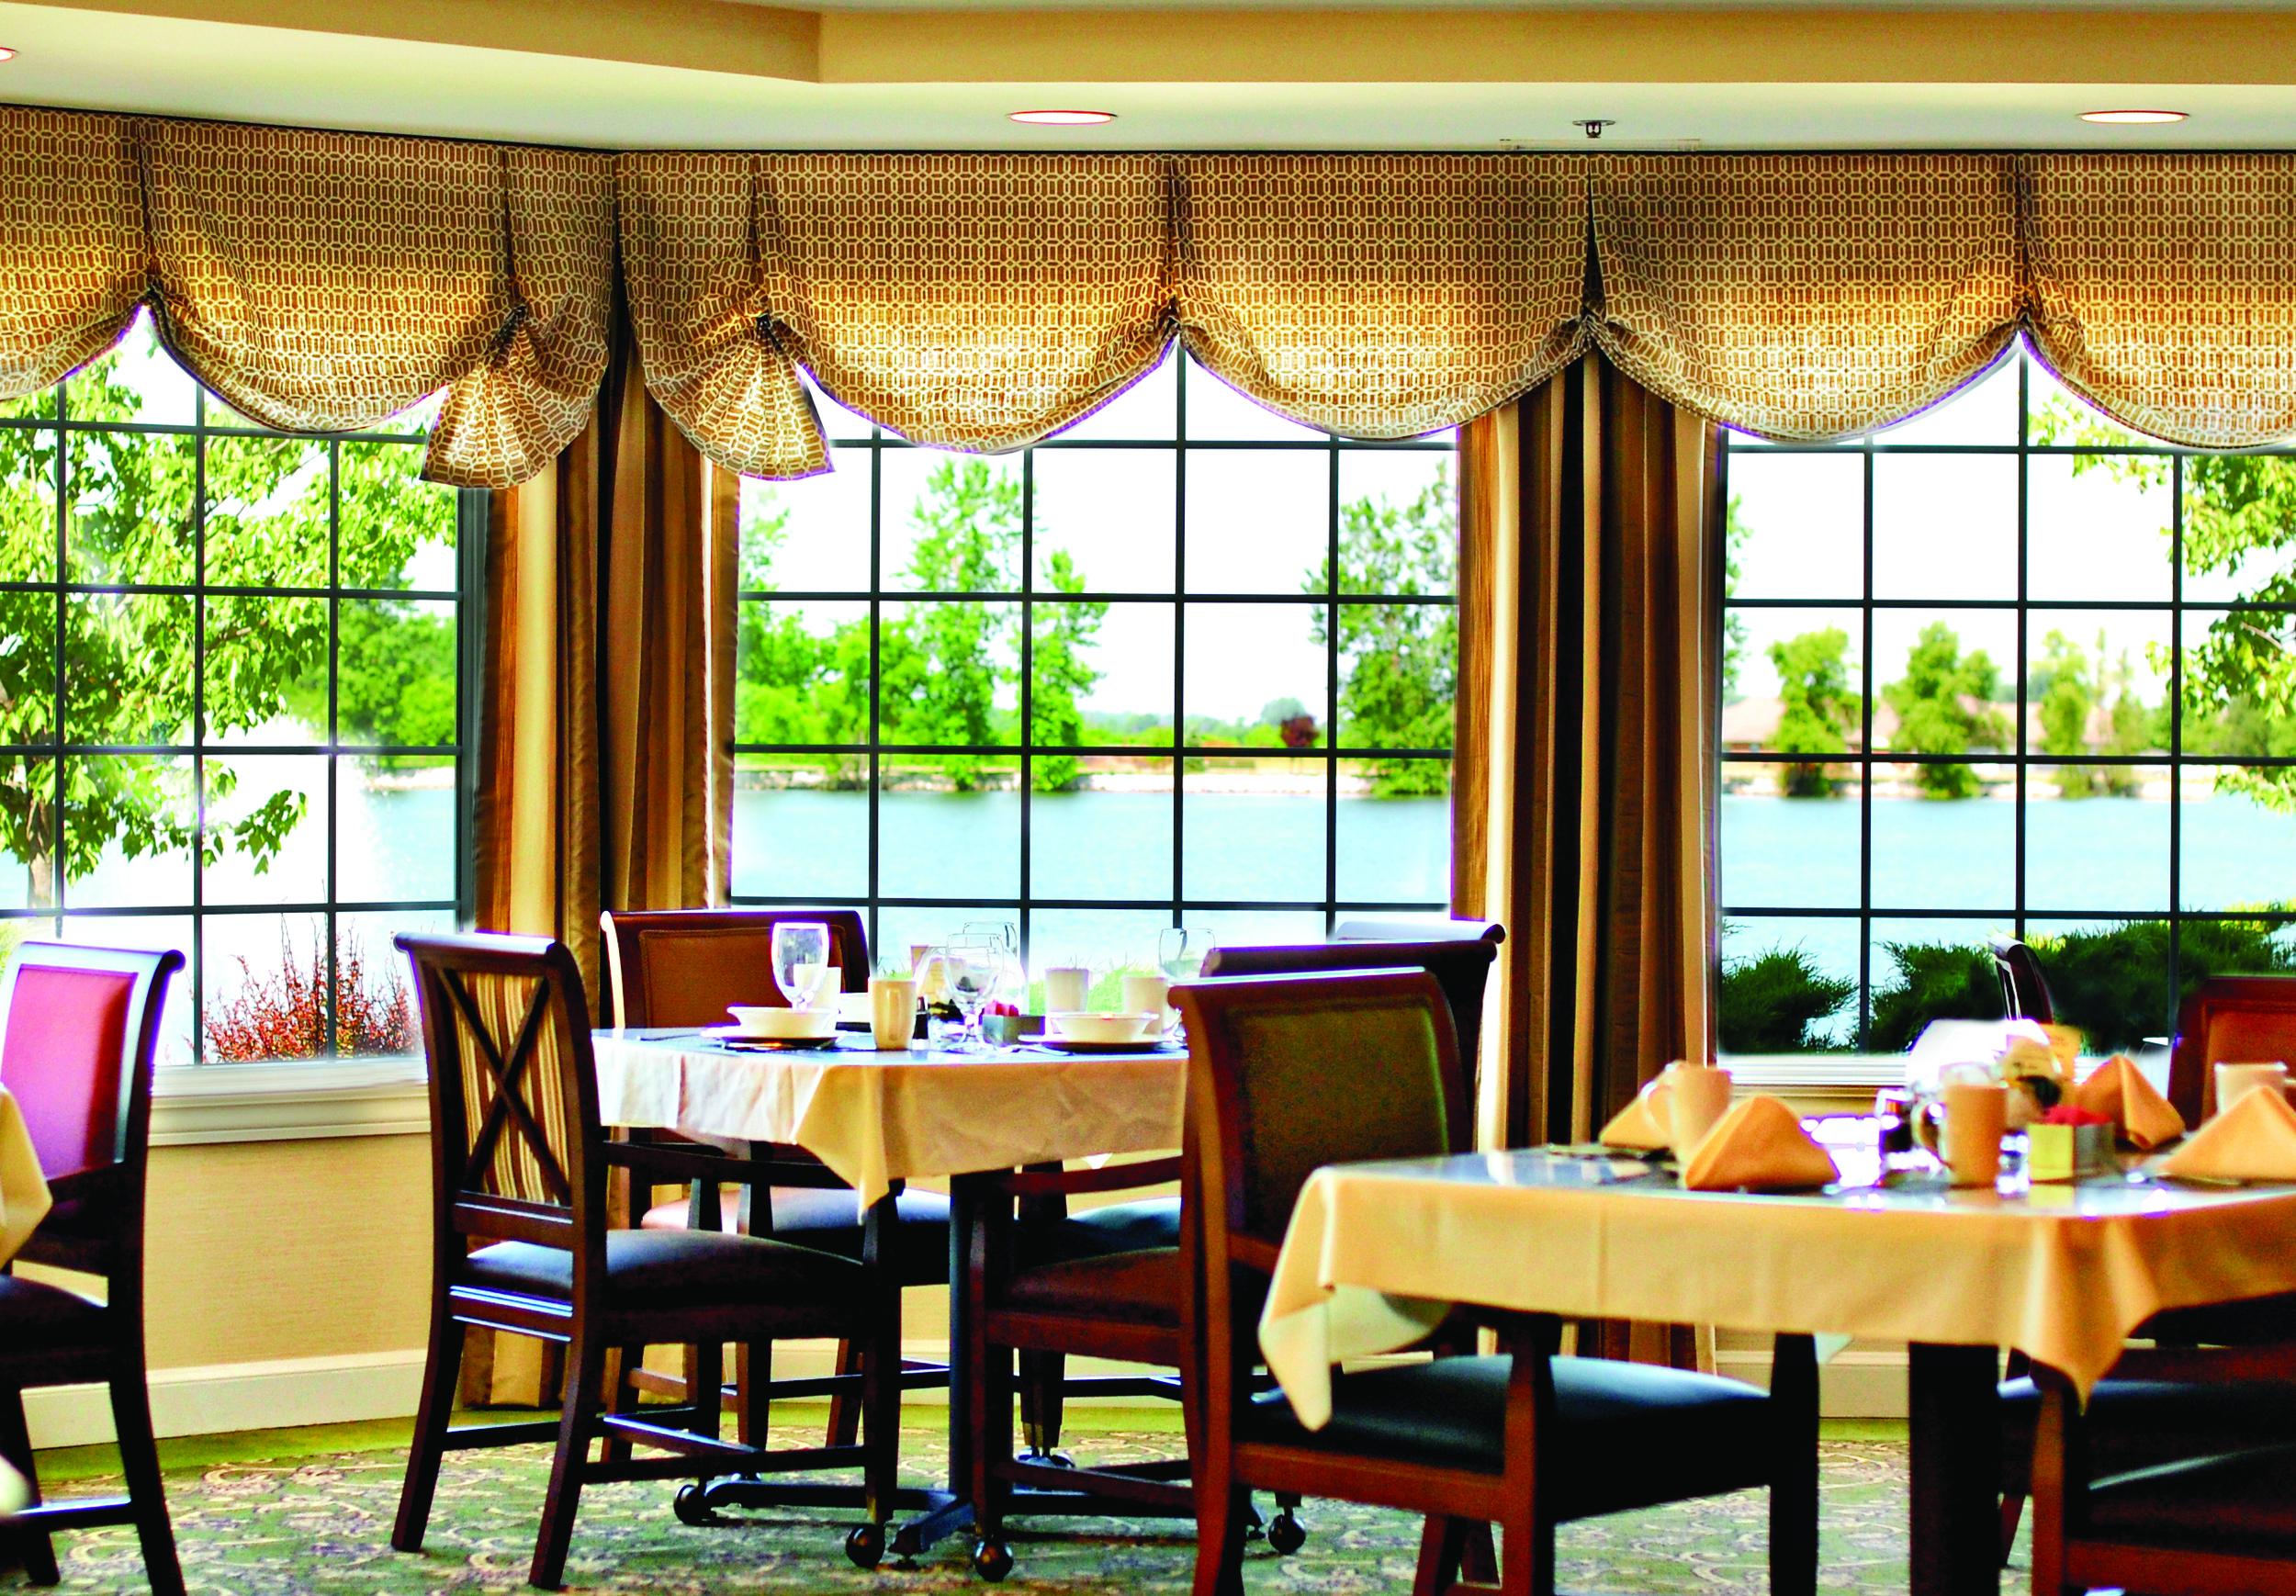 diningroom adjustment.jpg